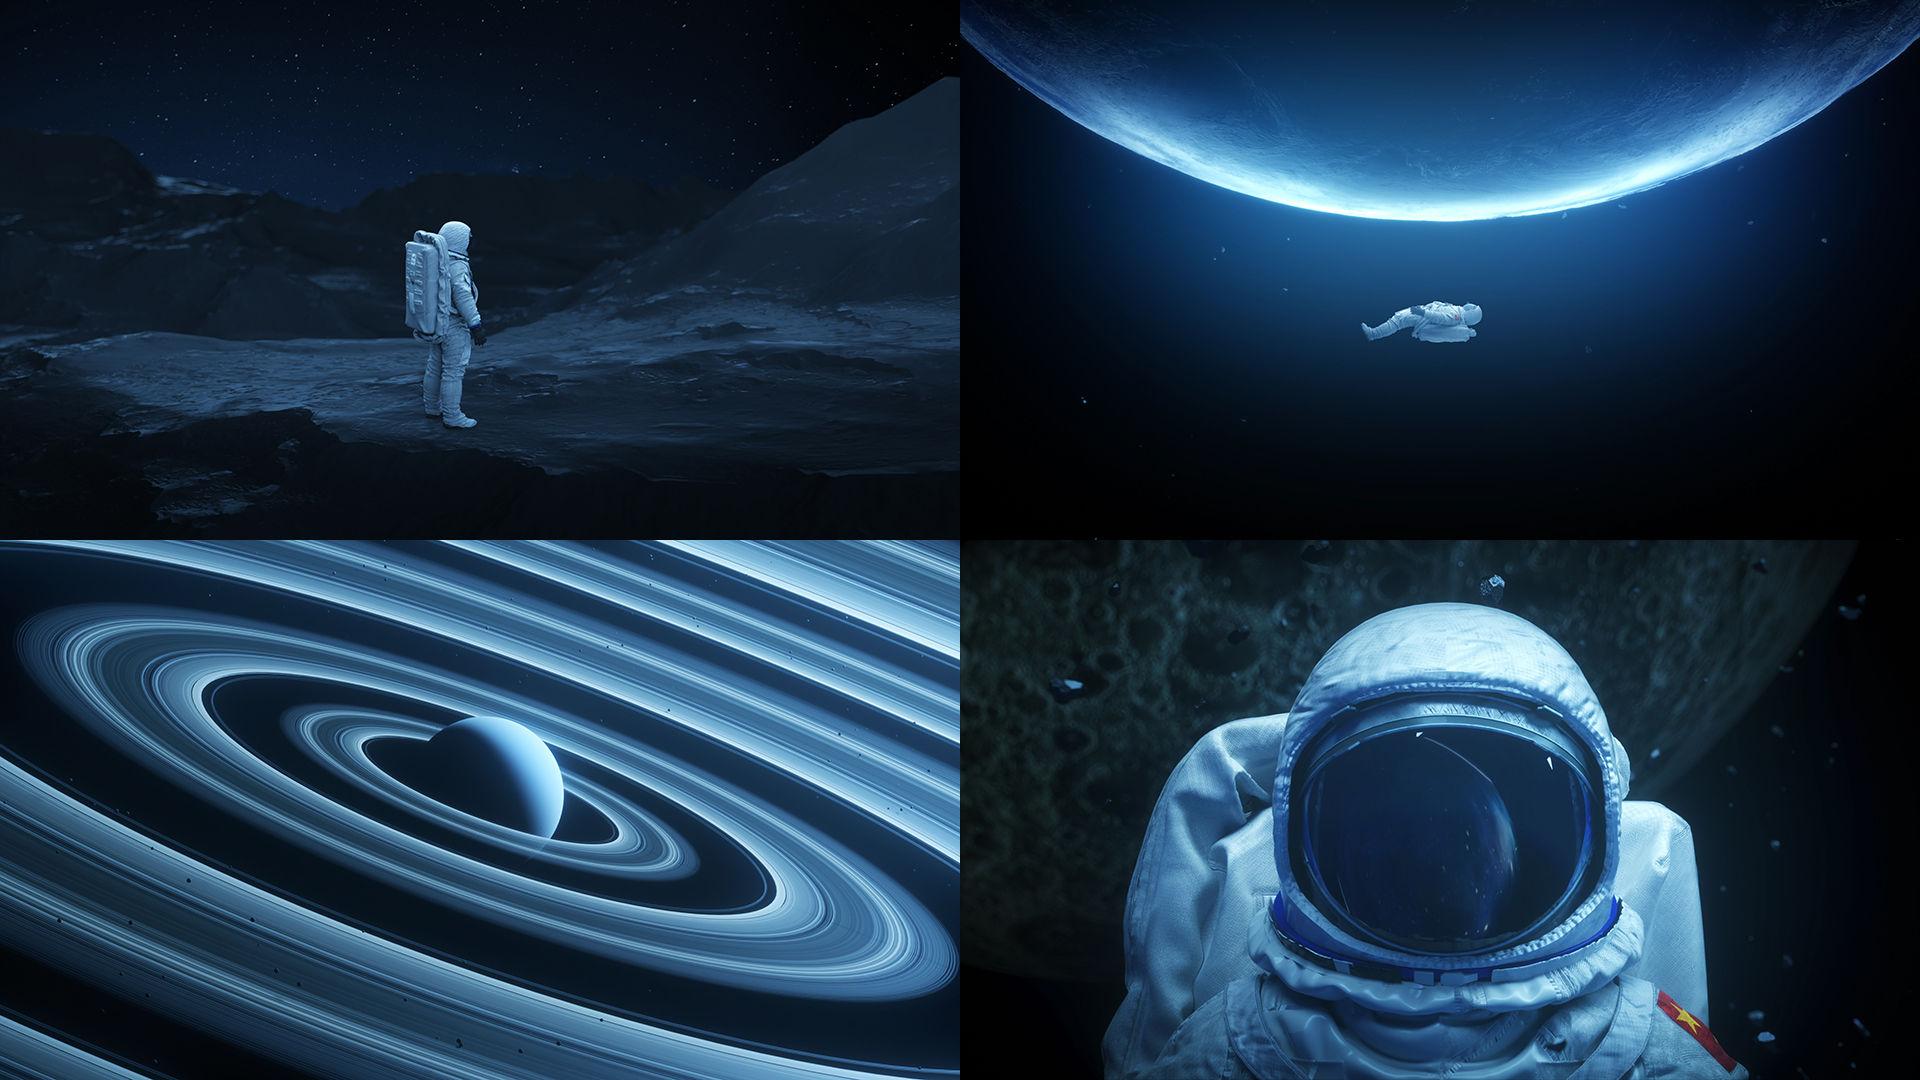 科技太空银河系宇航员穿越特技镜头